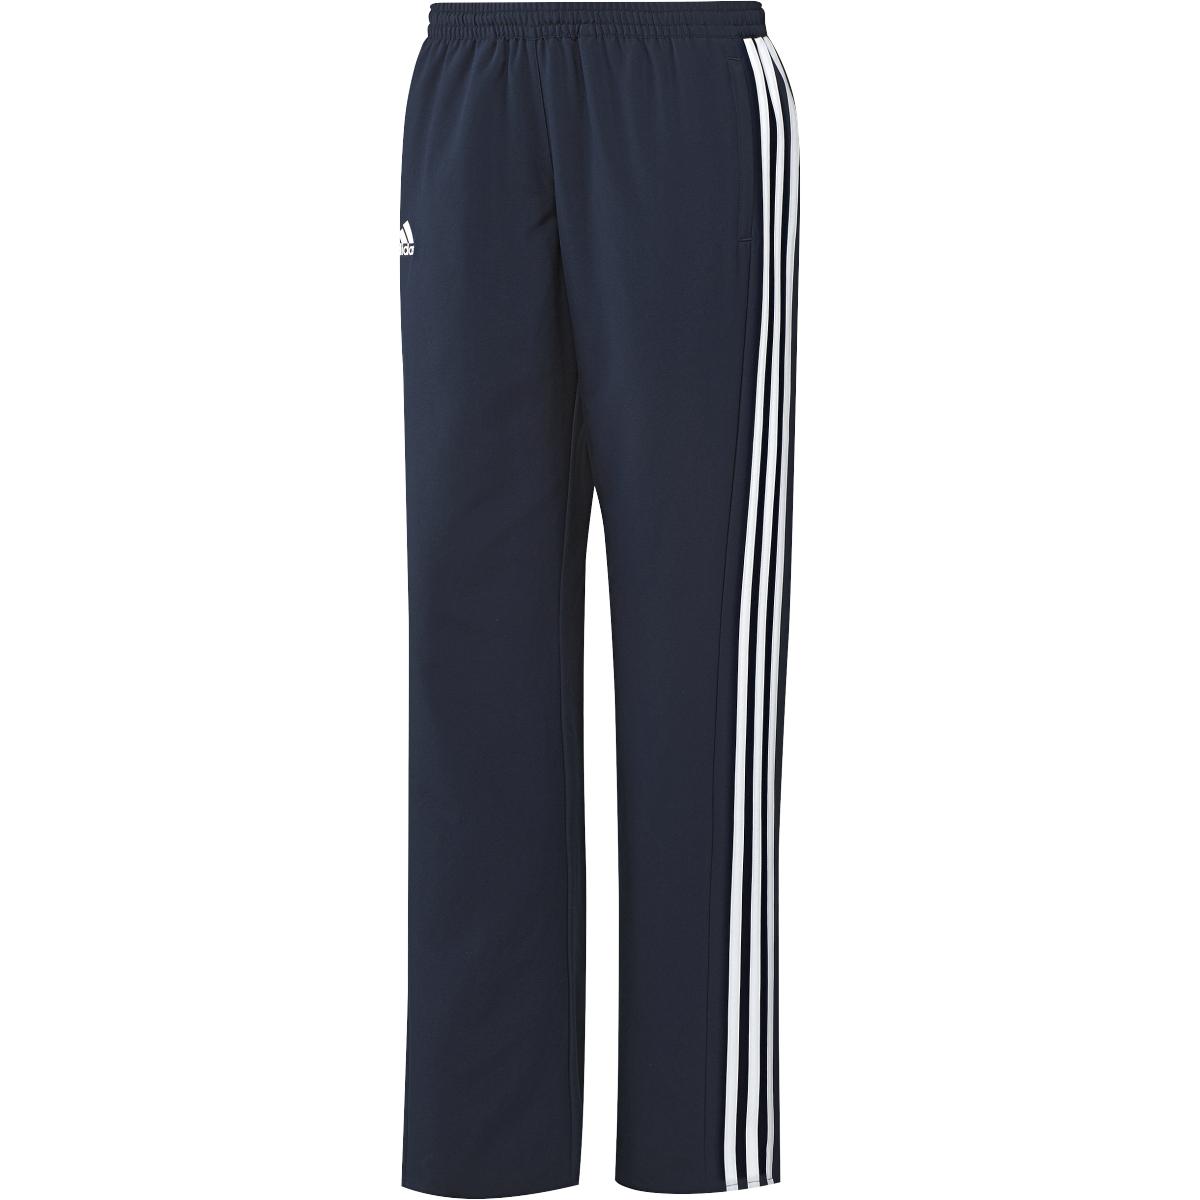 adidas T16 Team Hose Damen navy blau weiß, AJ5315